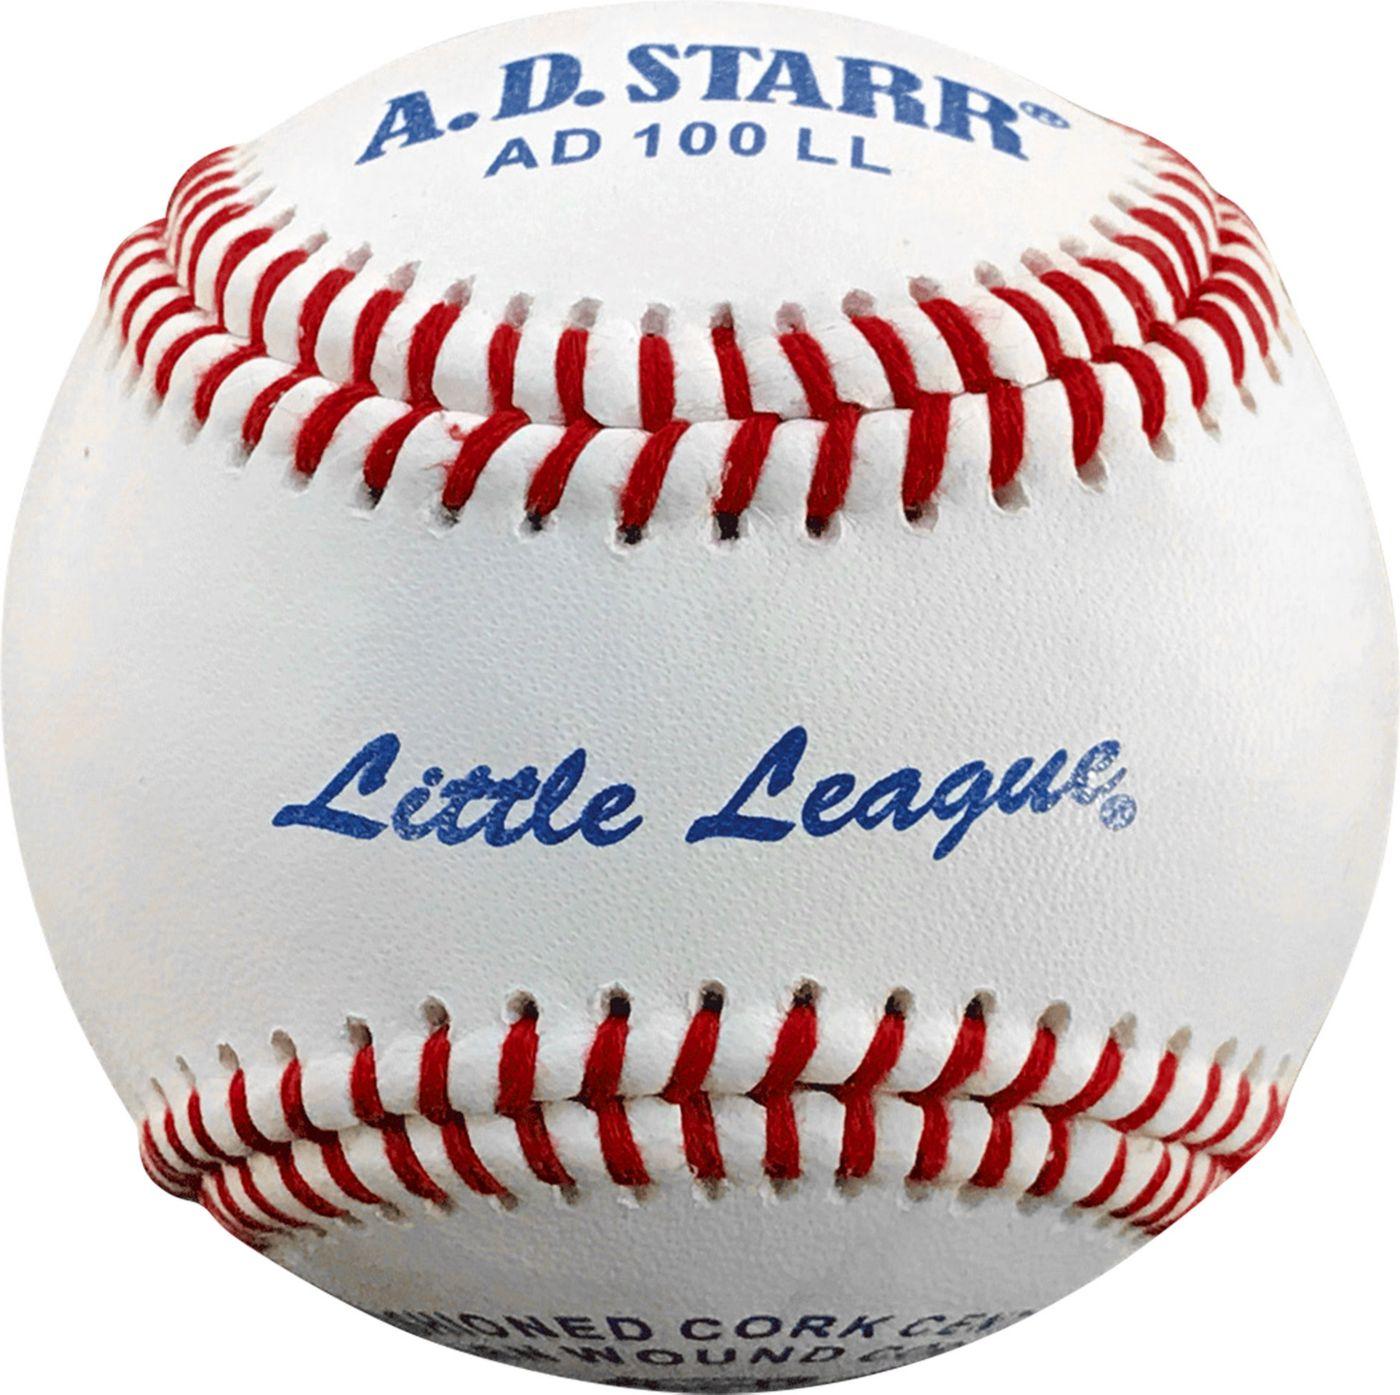 A.D. Starr AD 100 Official Little League Baseball